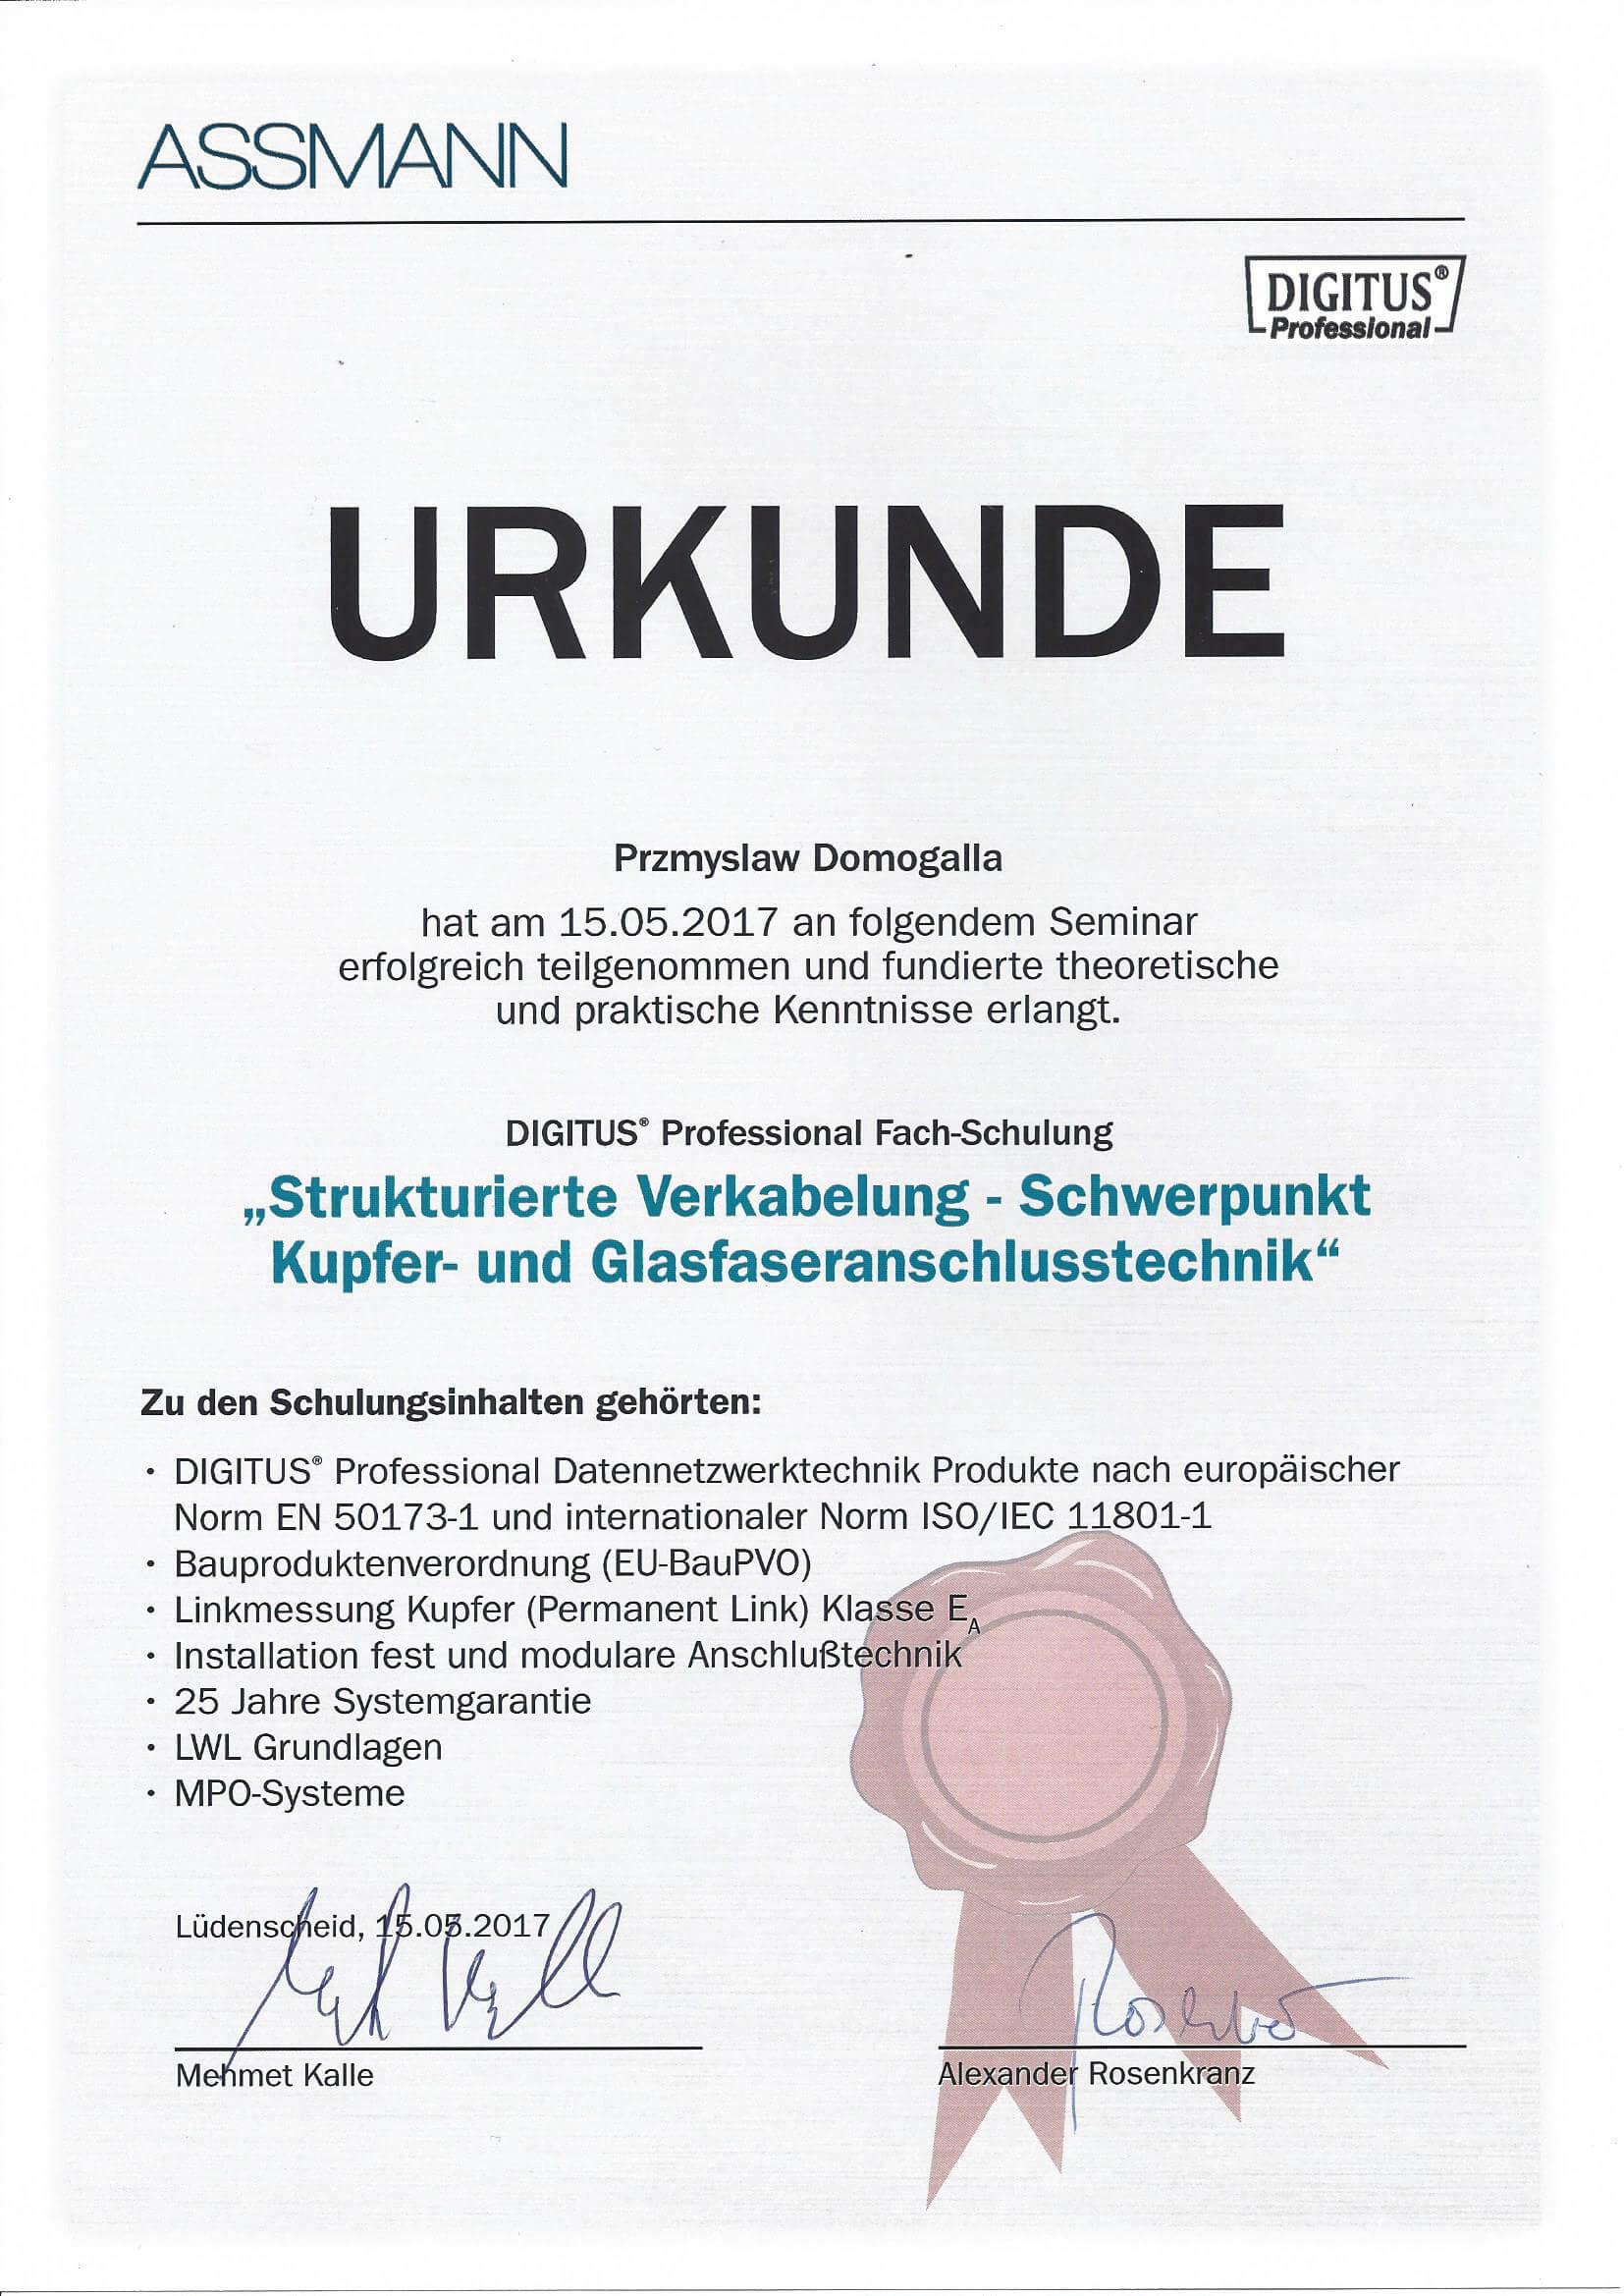 Charmant Heimverkabelung Grundlagen Mit Illustrationen Bilder - Der ...